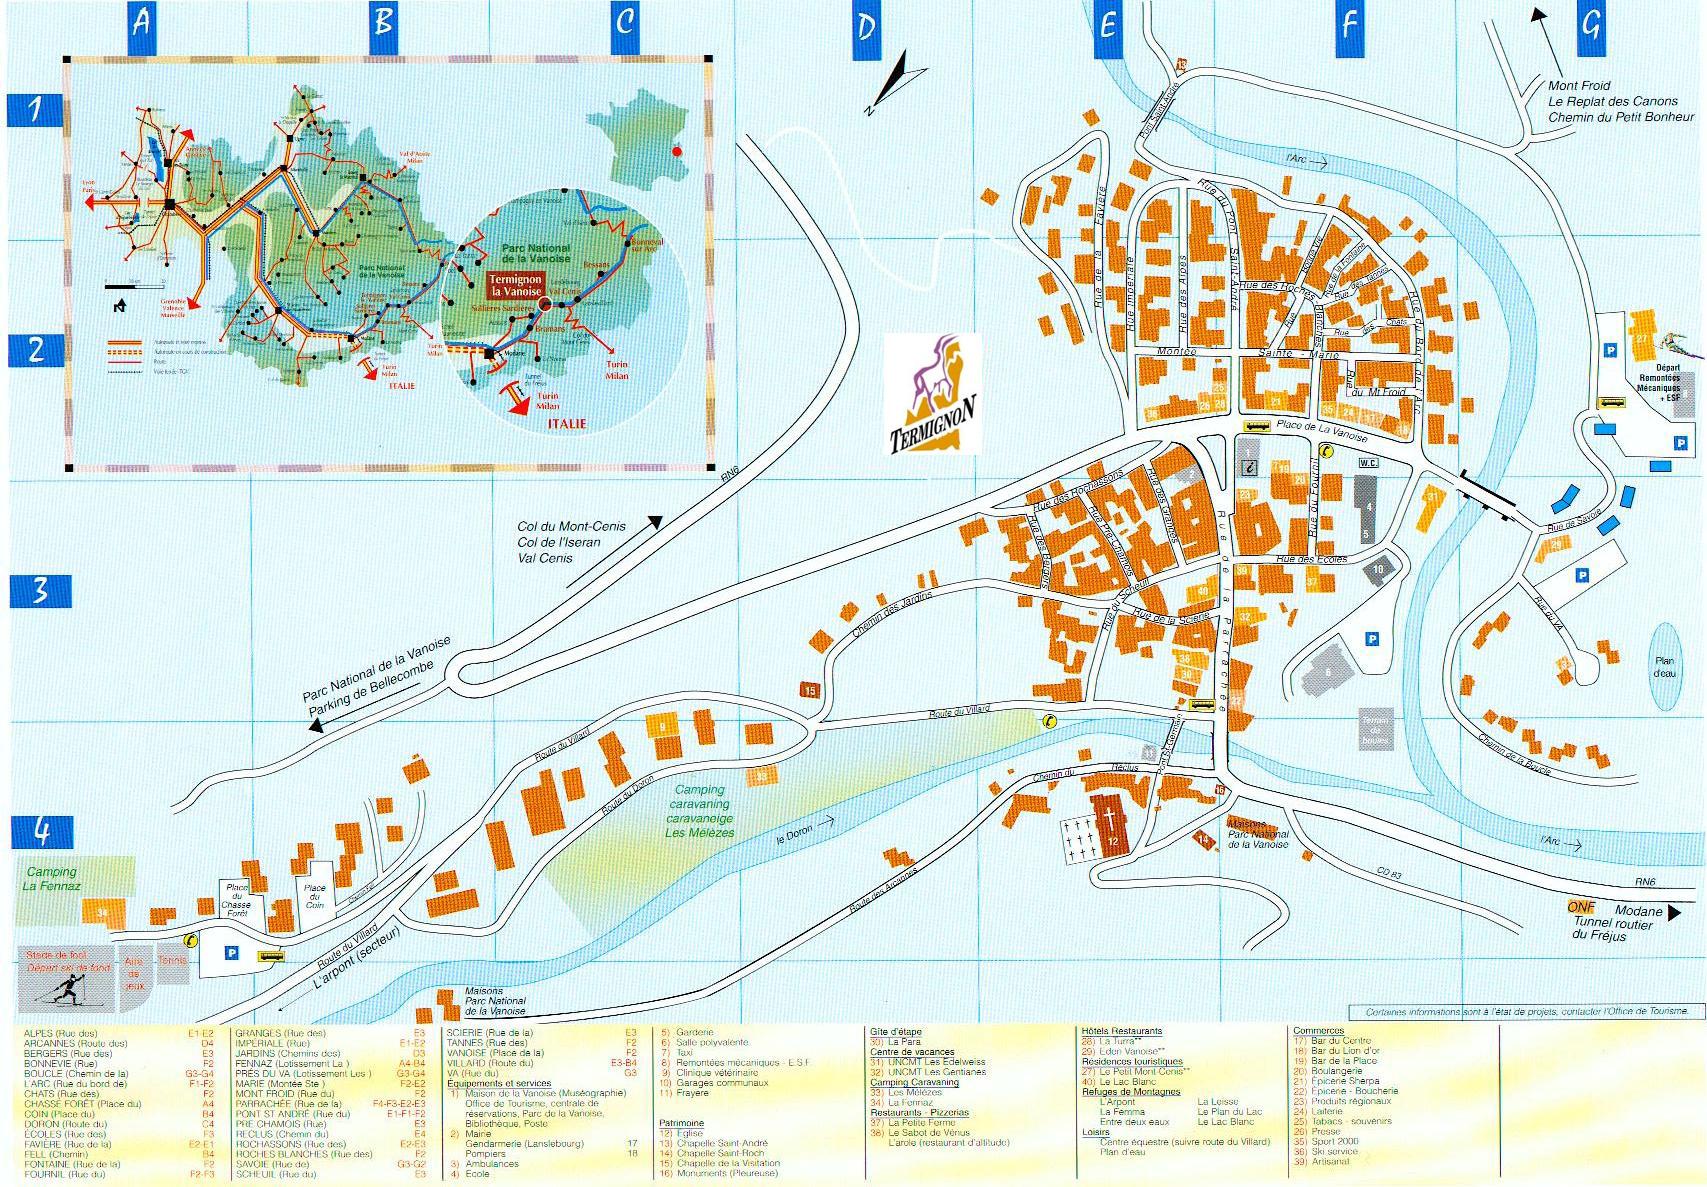 Plan d'accès Termignon-la-Vanoise